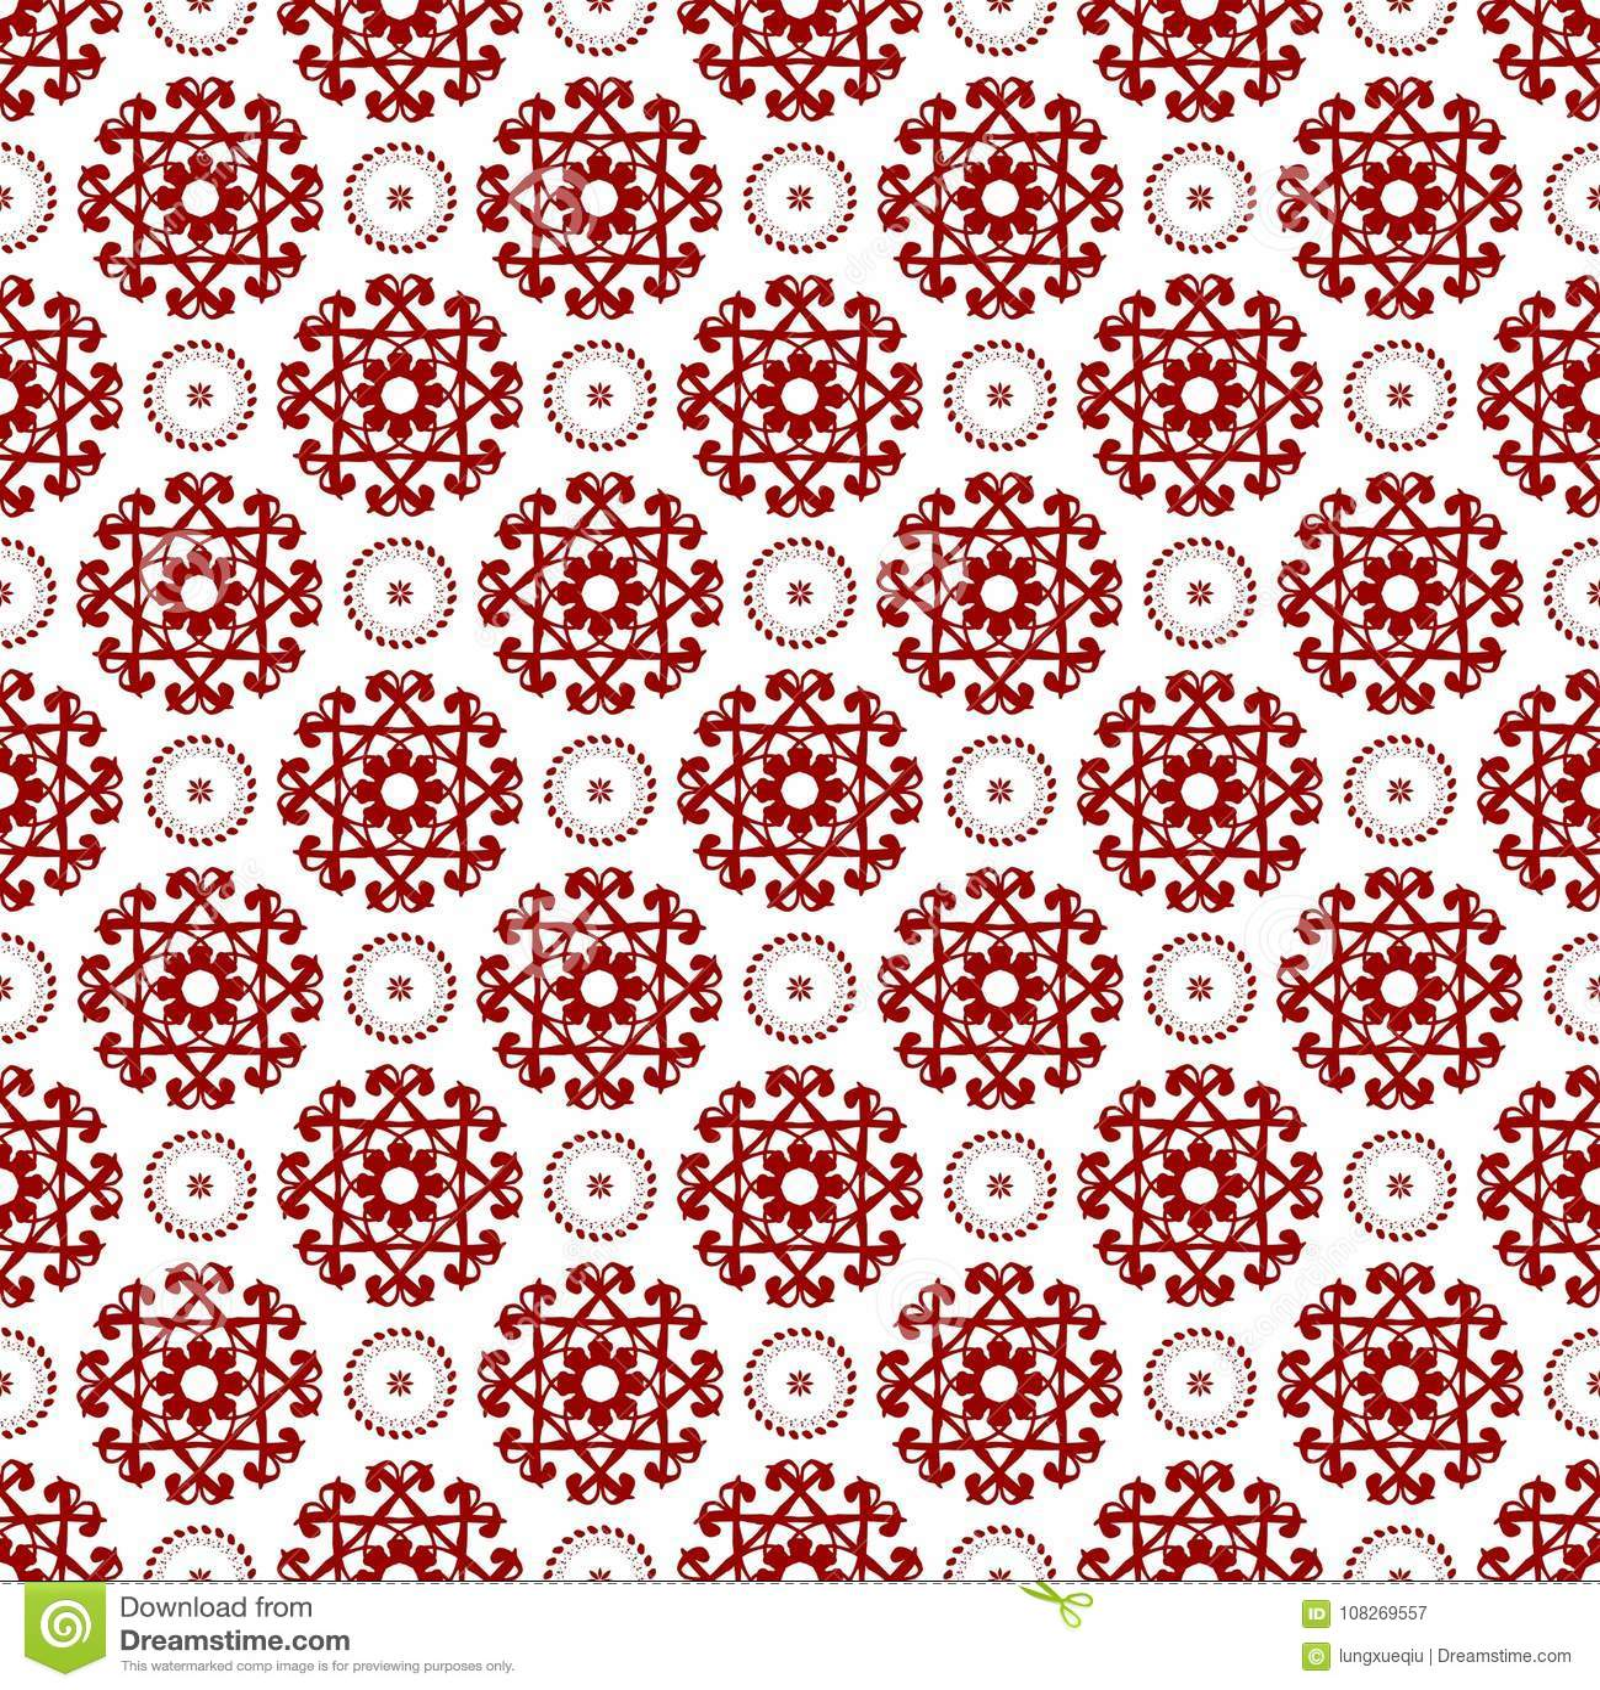 Abstrakte dekorative orientalische nahtlose königliche mit Blumenweinlese-arabische chinesische transparente rote Muster-Beschaff